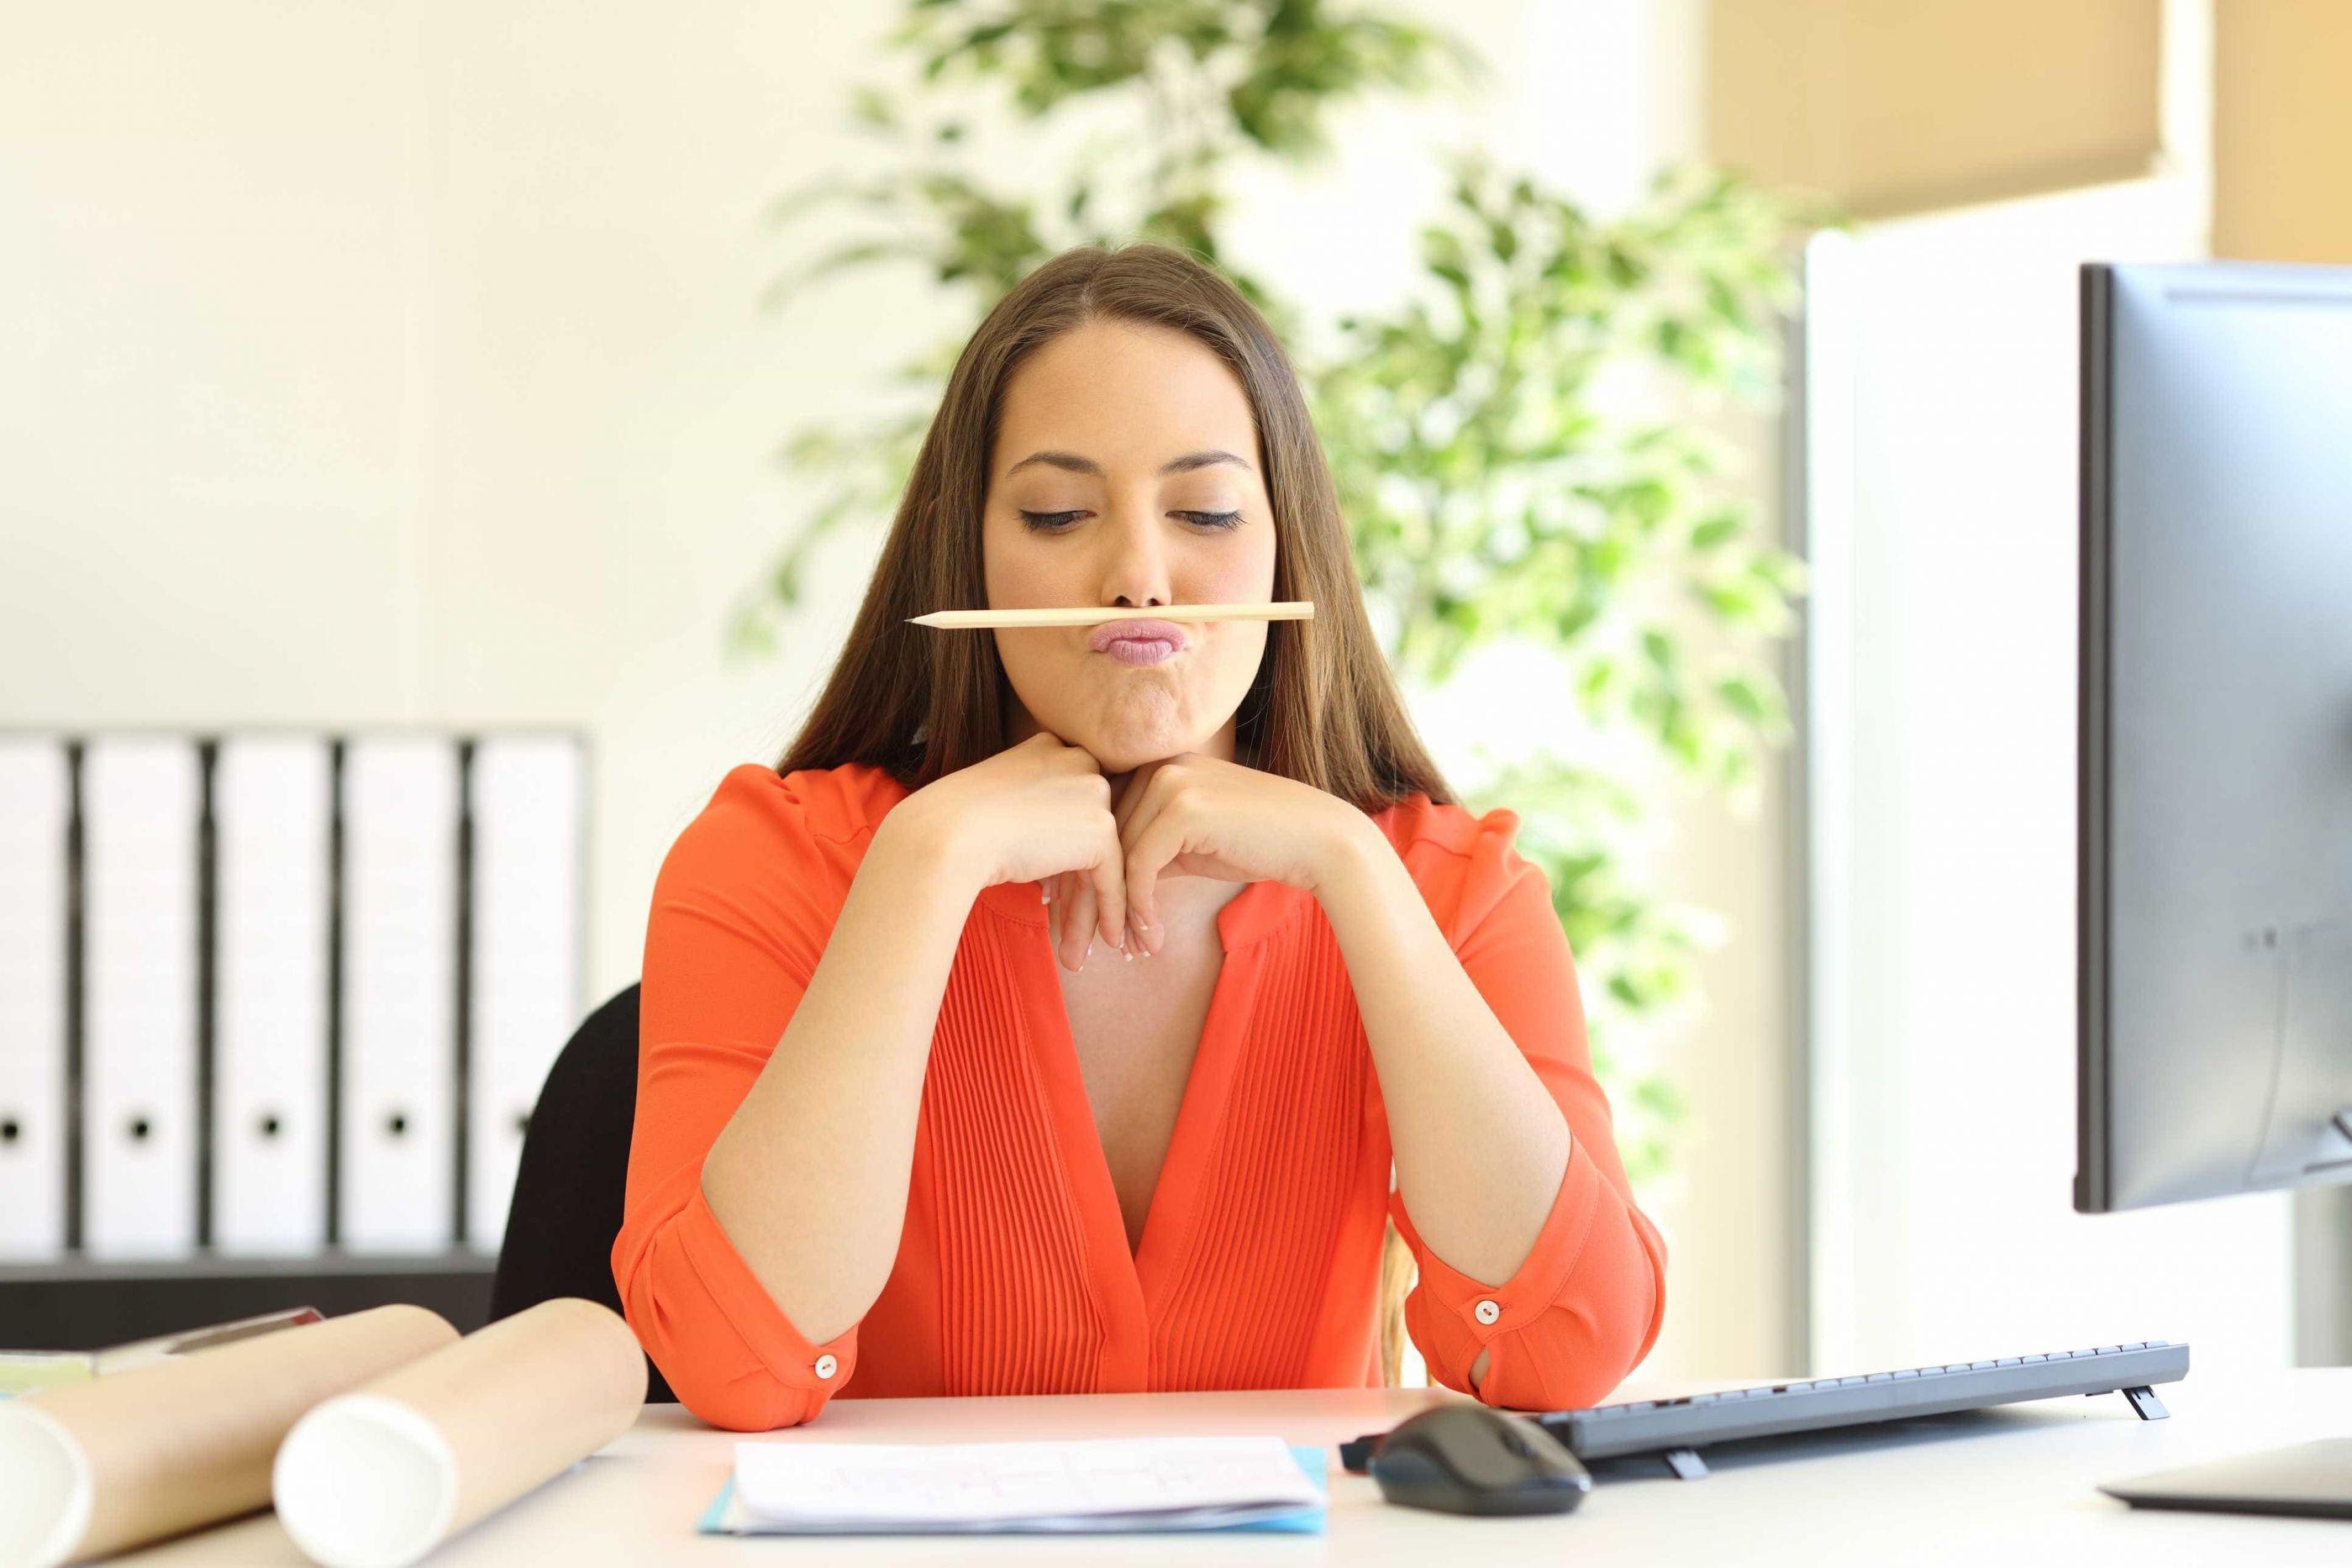 Escape à preguiça: Cinco dicas para deixar a procrastinação de lado